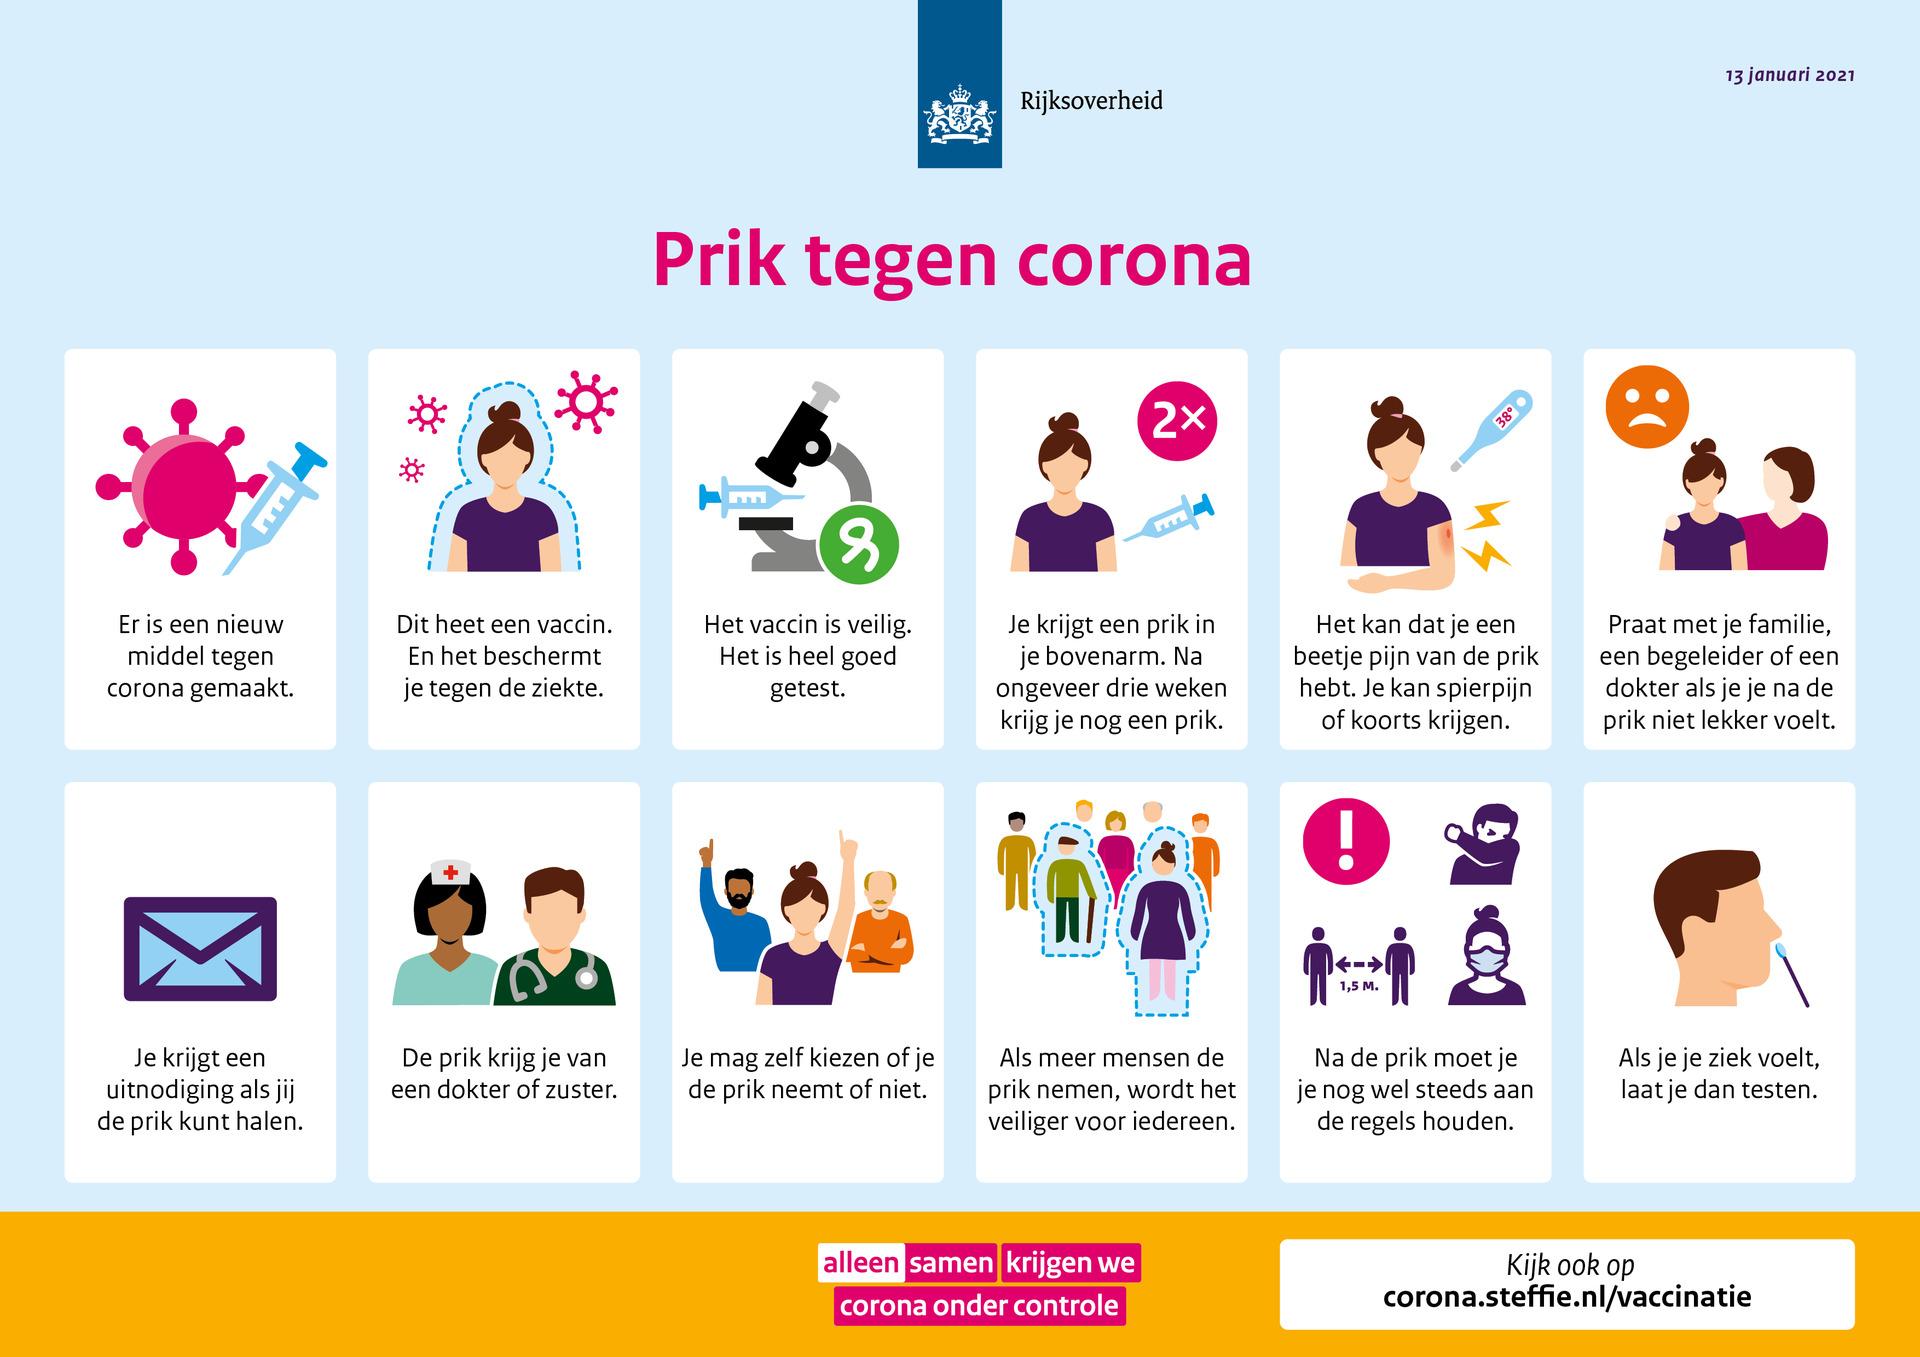 Prik tegen corona